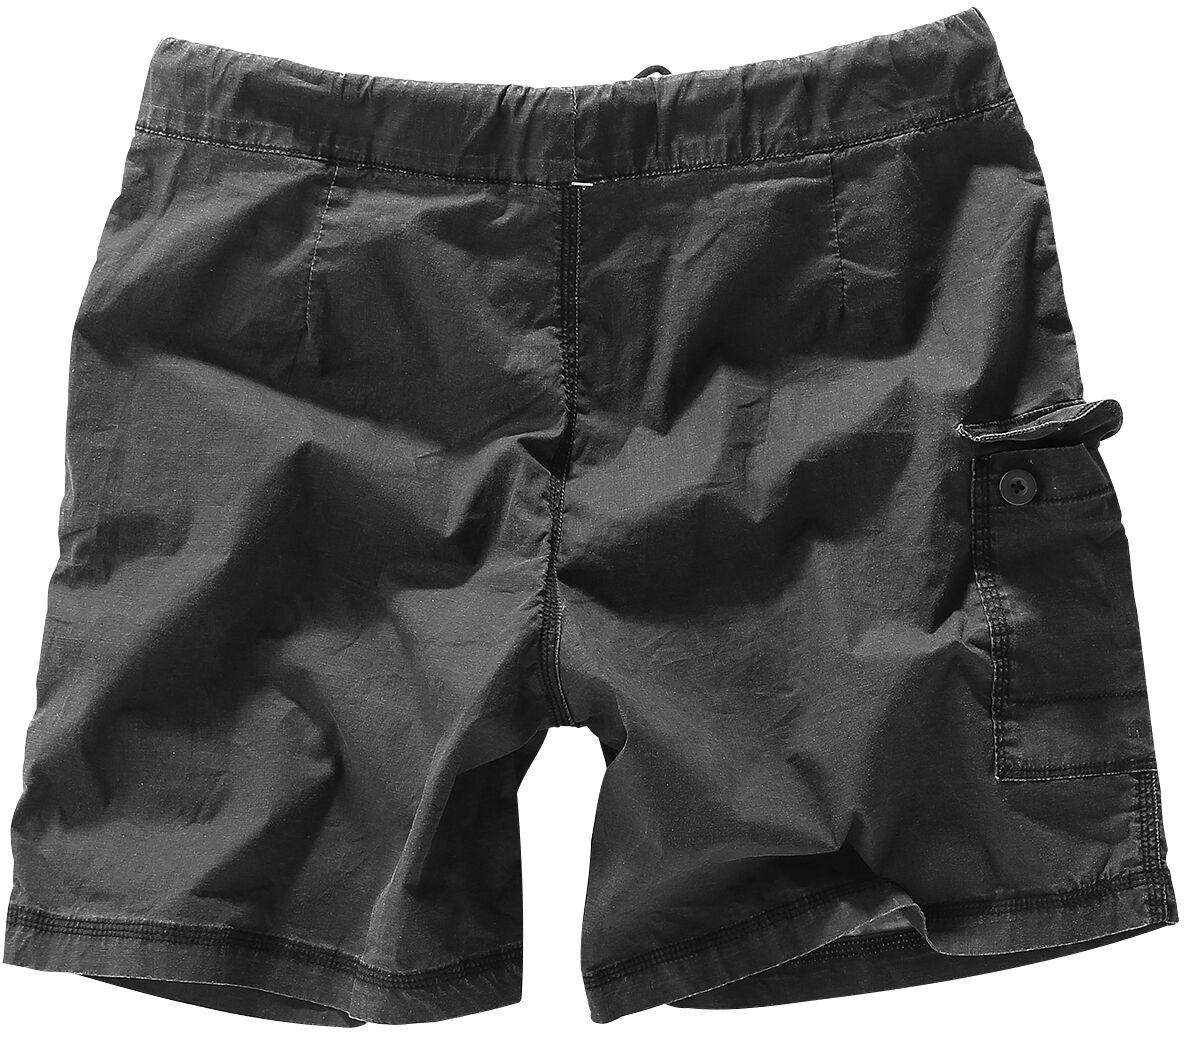 Marki - Odzież kąpielowa - Kąpielówki Doomsday Skull Shorts Kąpielówki szary - 342972